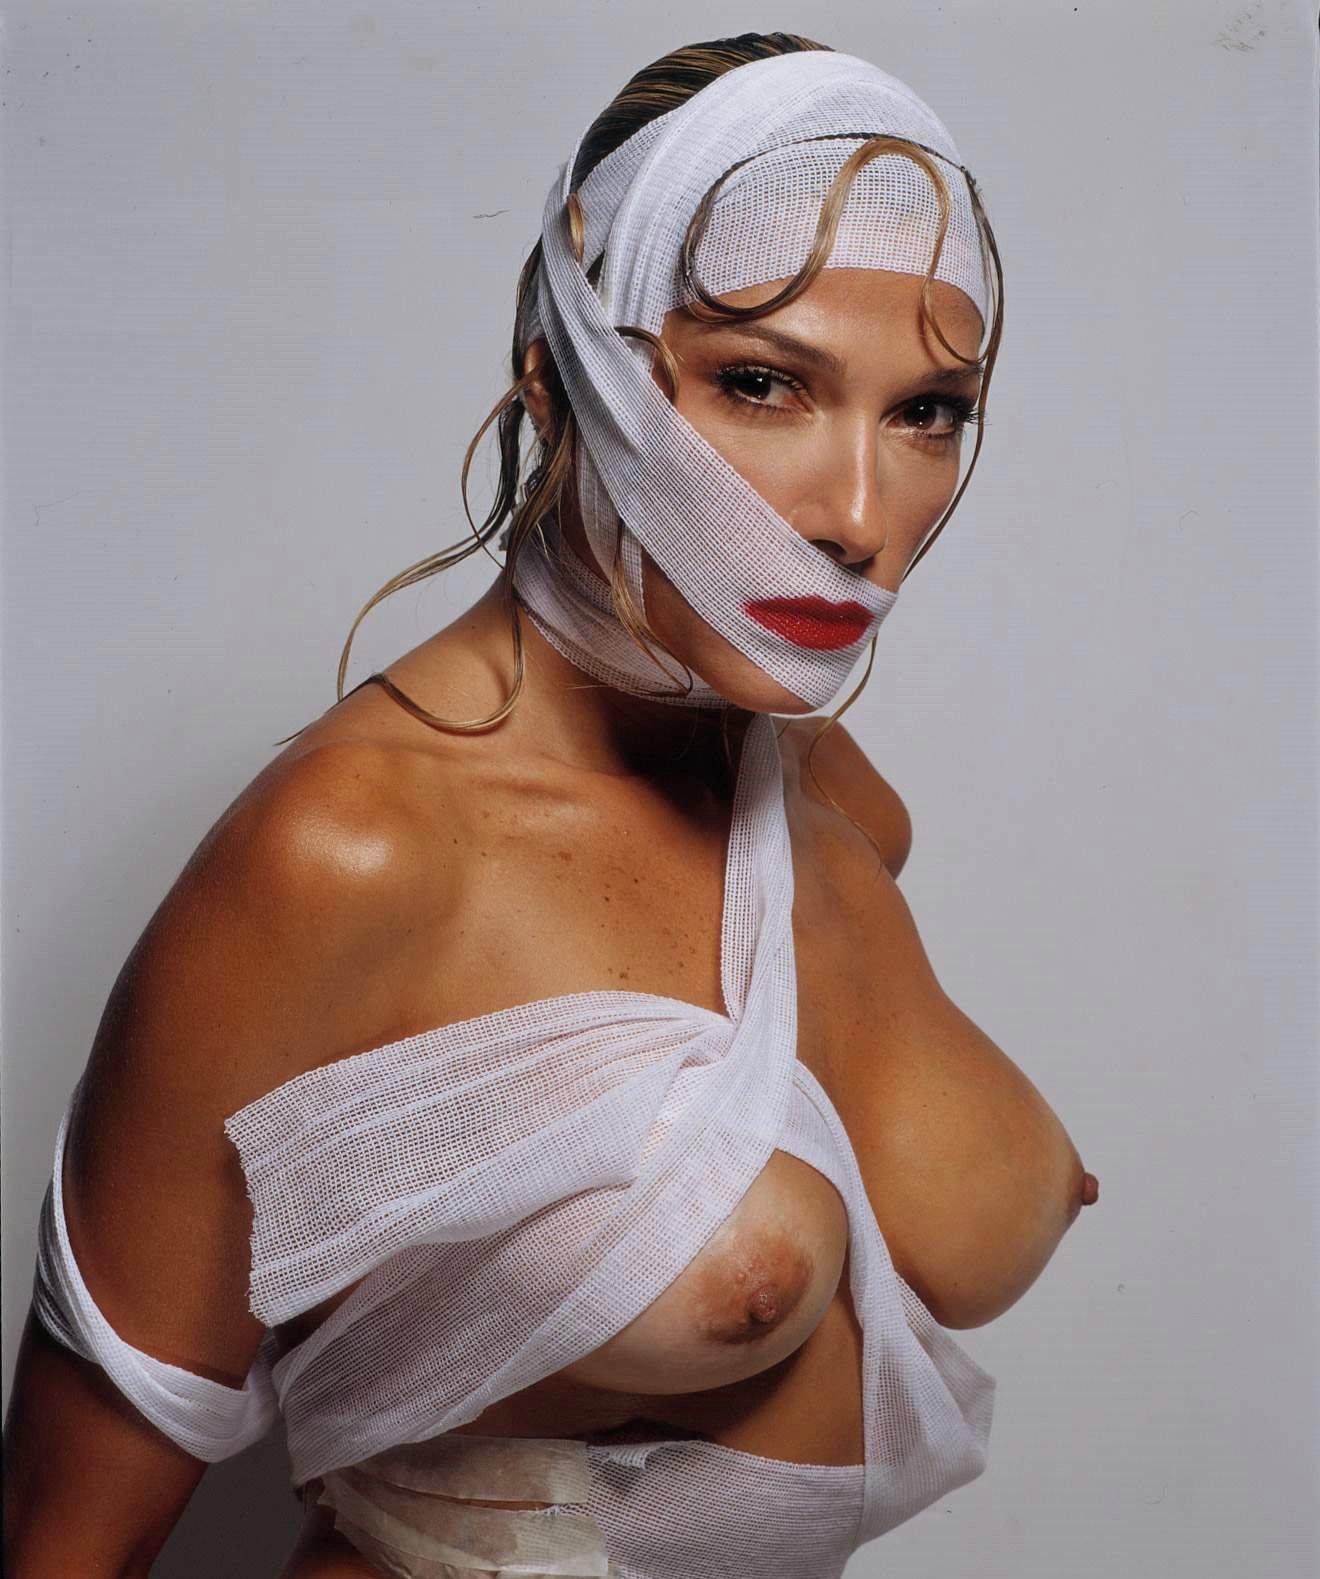 nude Catherine siachoque